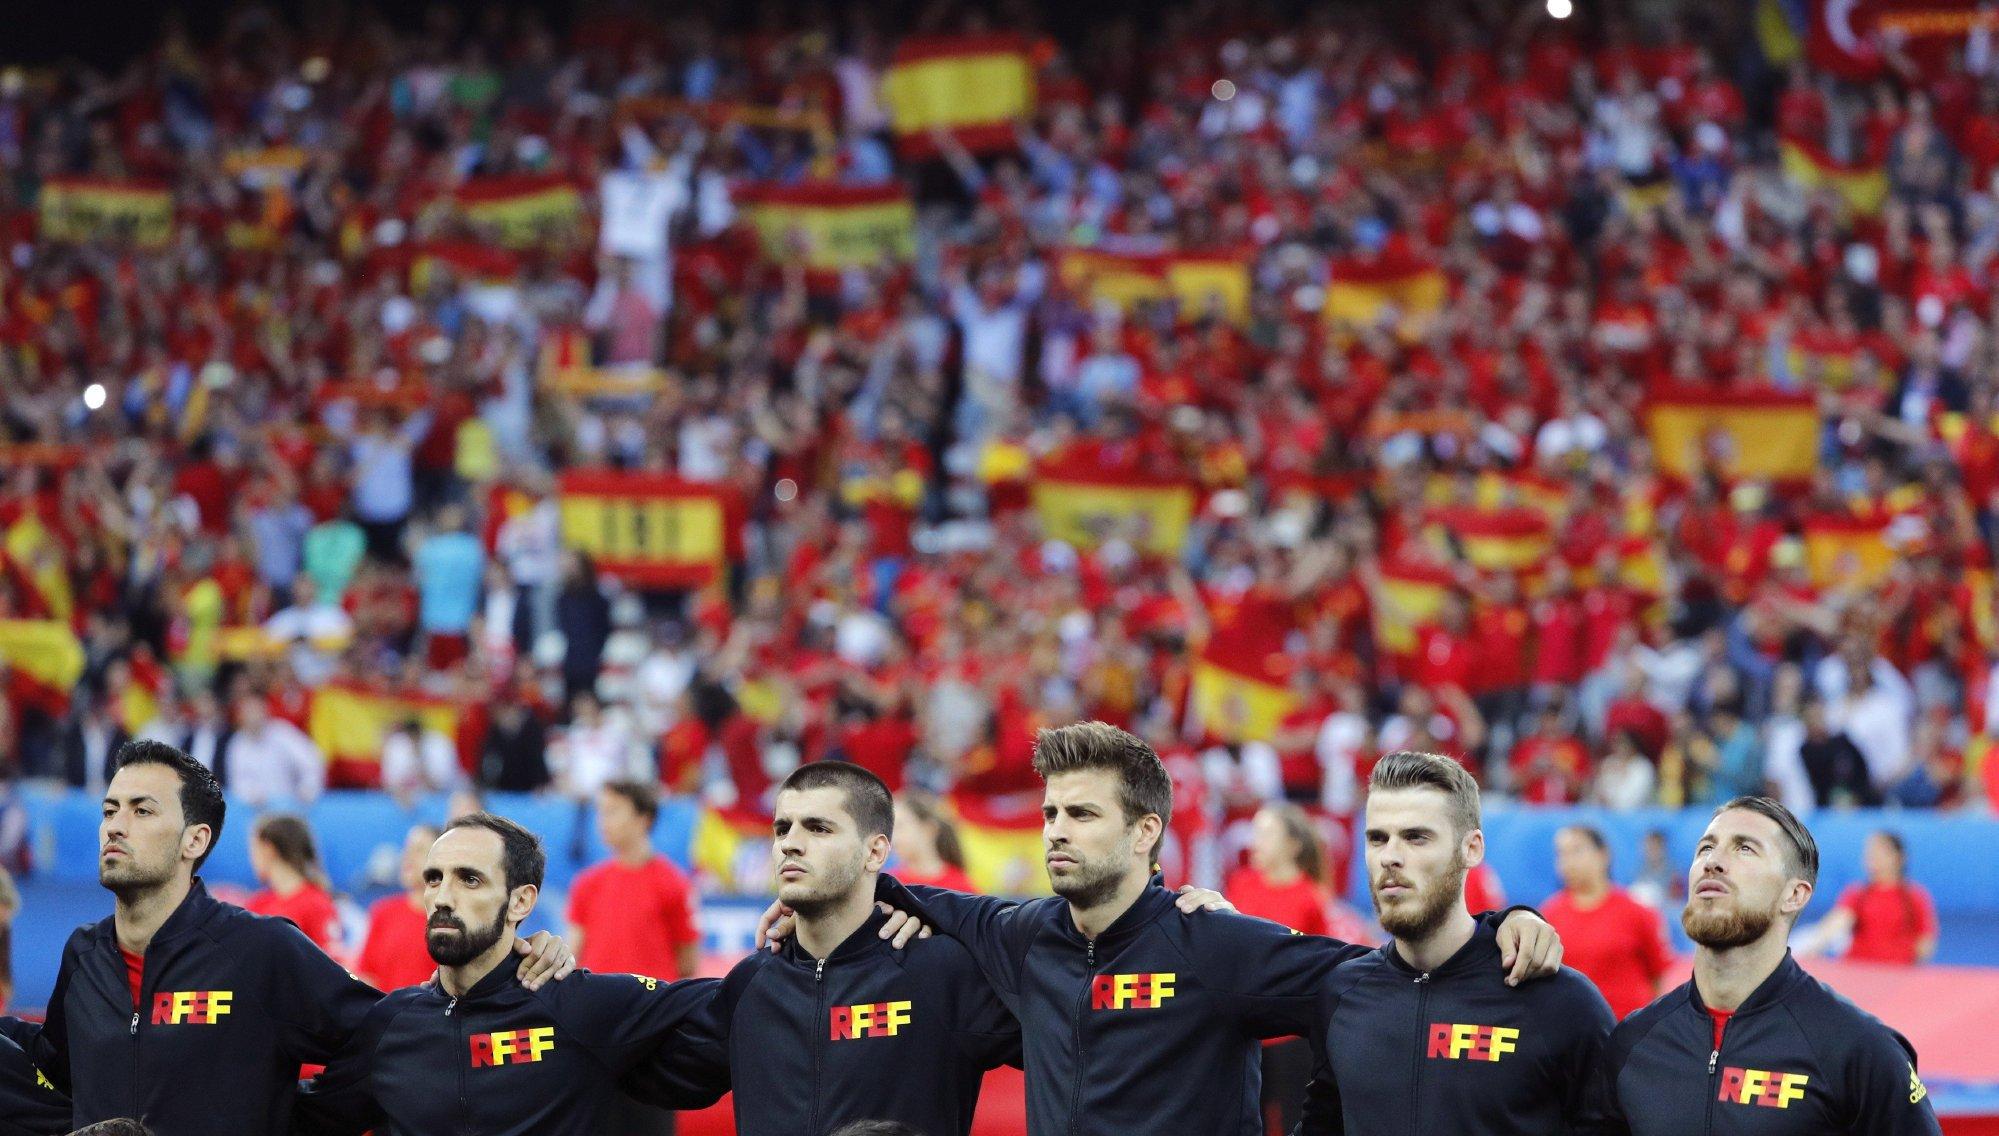 Hilo de la selección de España (selección española) Clz4iiaXEAA5R7t